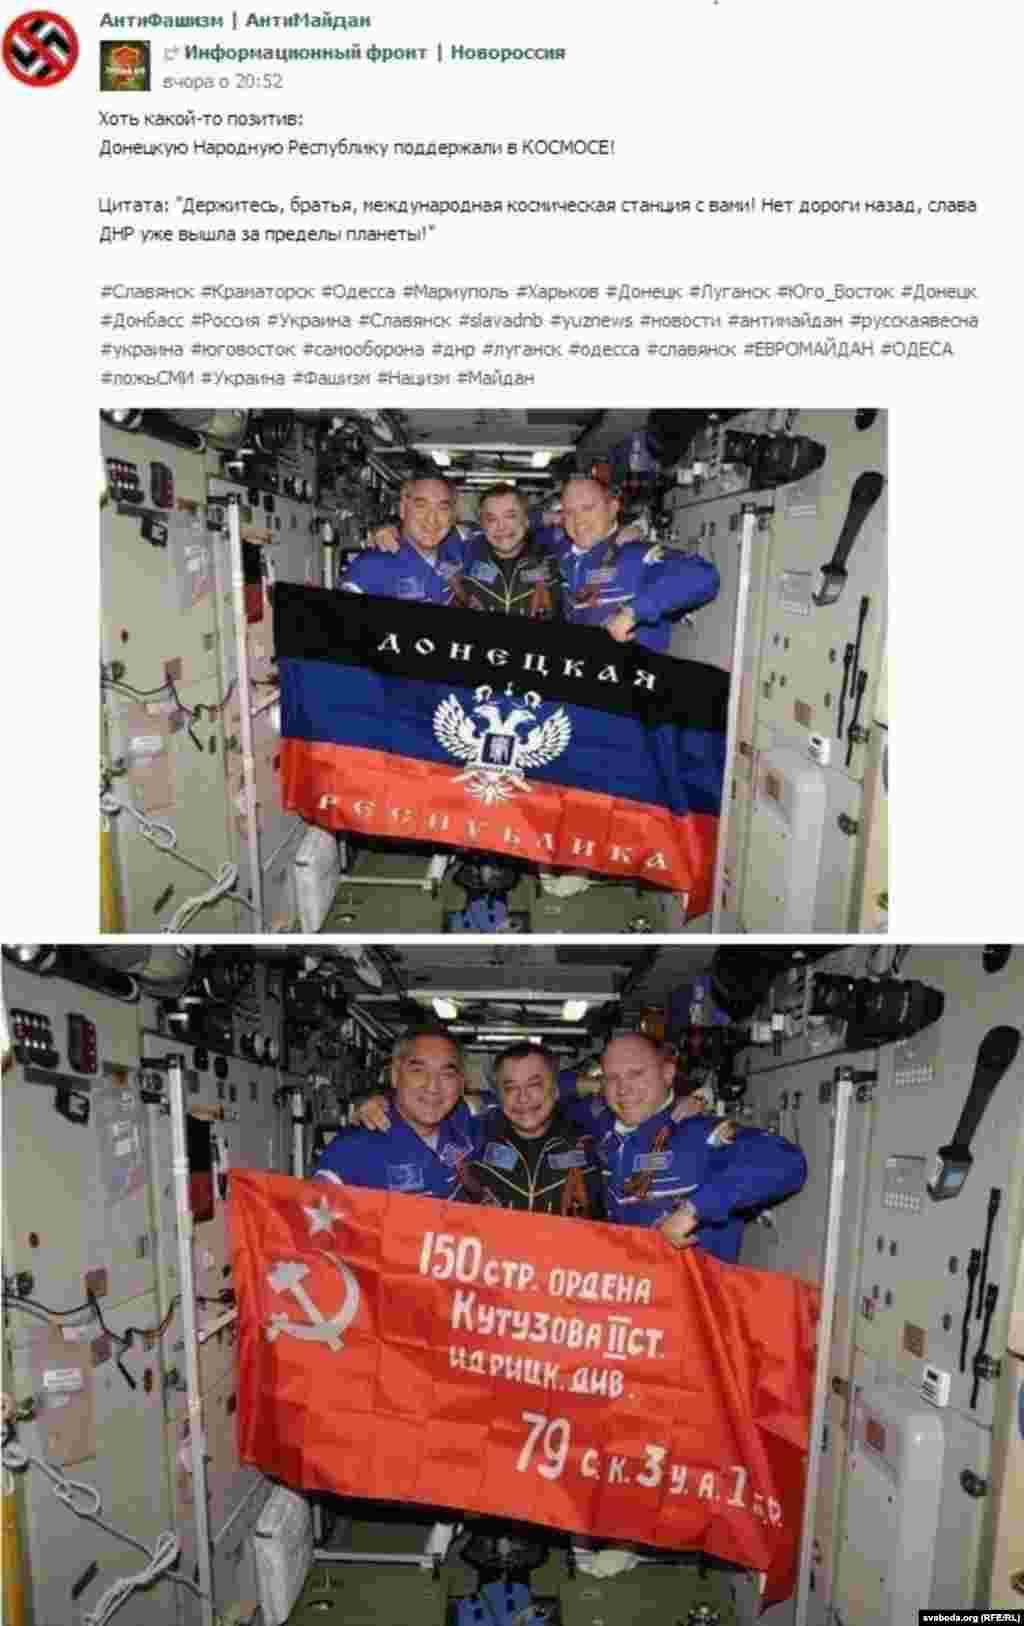 """Фотошоп ярдәмендә """"Донецки халык республикы"""" әләмен галәмгә дә """"күтәргәннәр""""."""